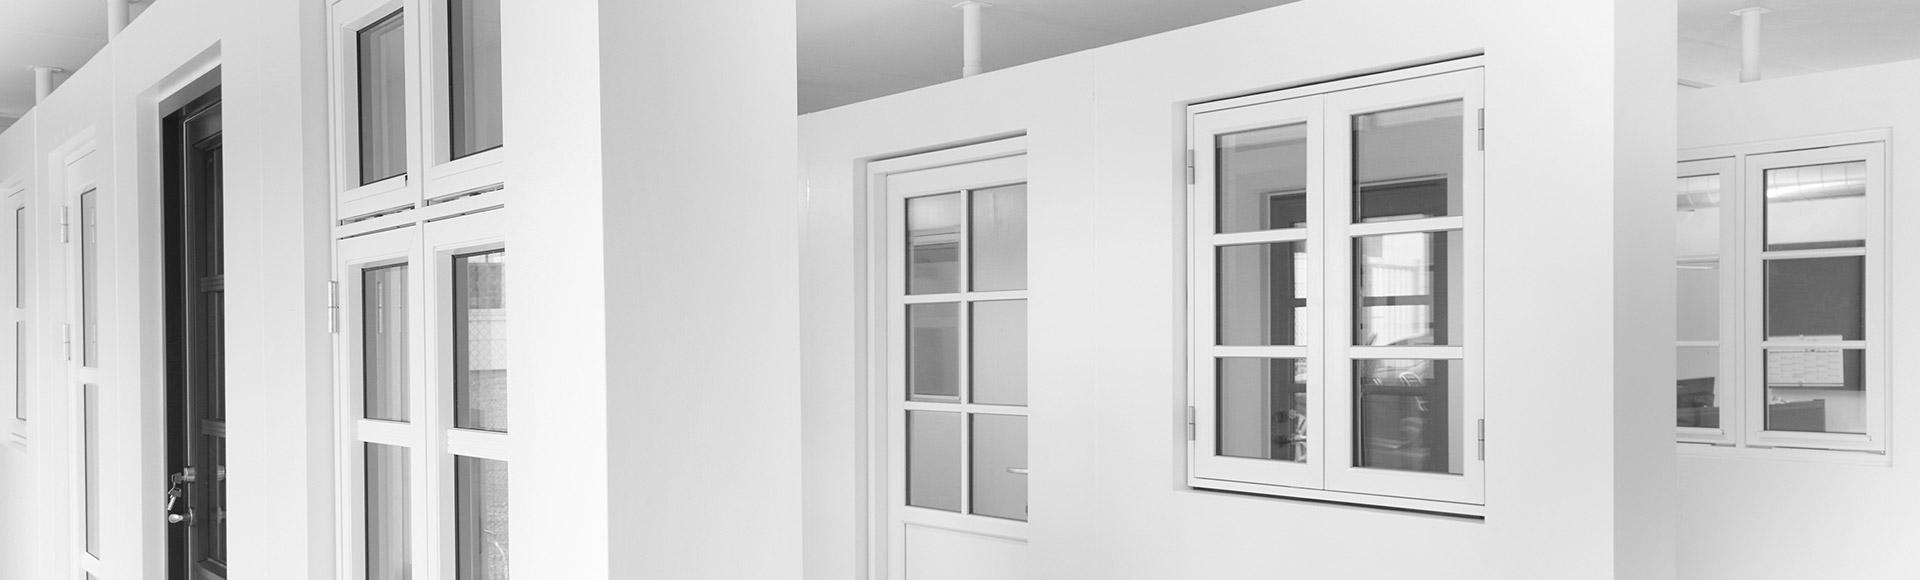 Full Size of Neue Fenster Einbauen Nach Ma Kaufen 30 Webrabatt Sparfenster Alarmanlagen Für Und Türen Holz Alu Preise Sicherheitsfolie Rollos Jalousien Innen Fenster Neue Fenster Einbauen